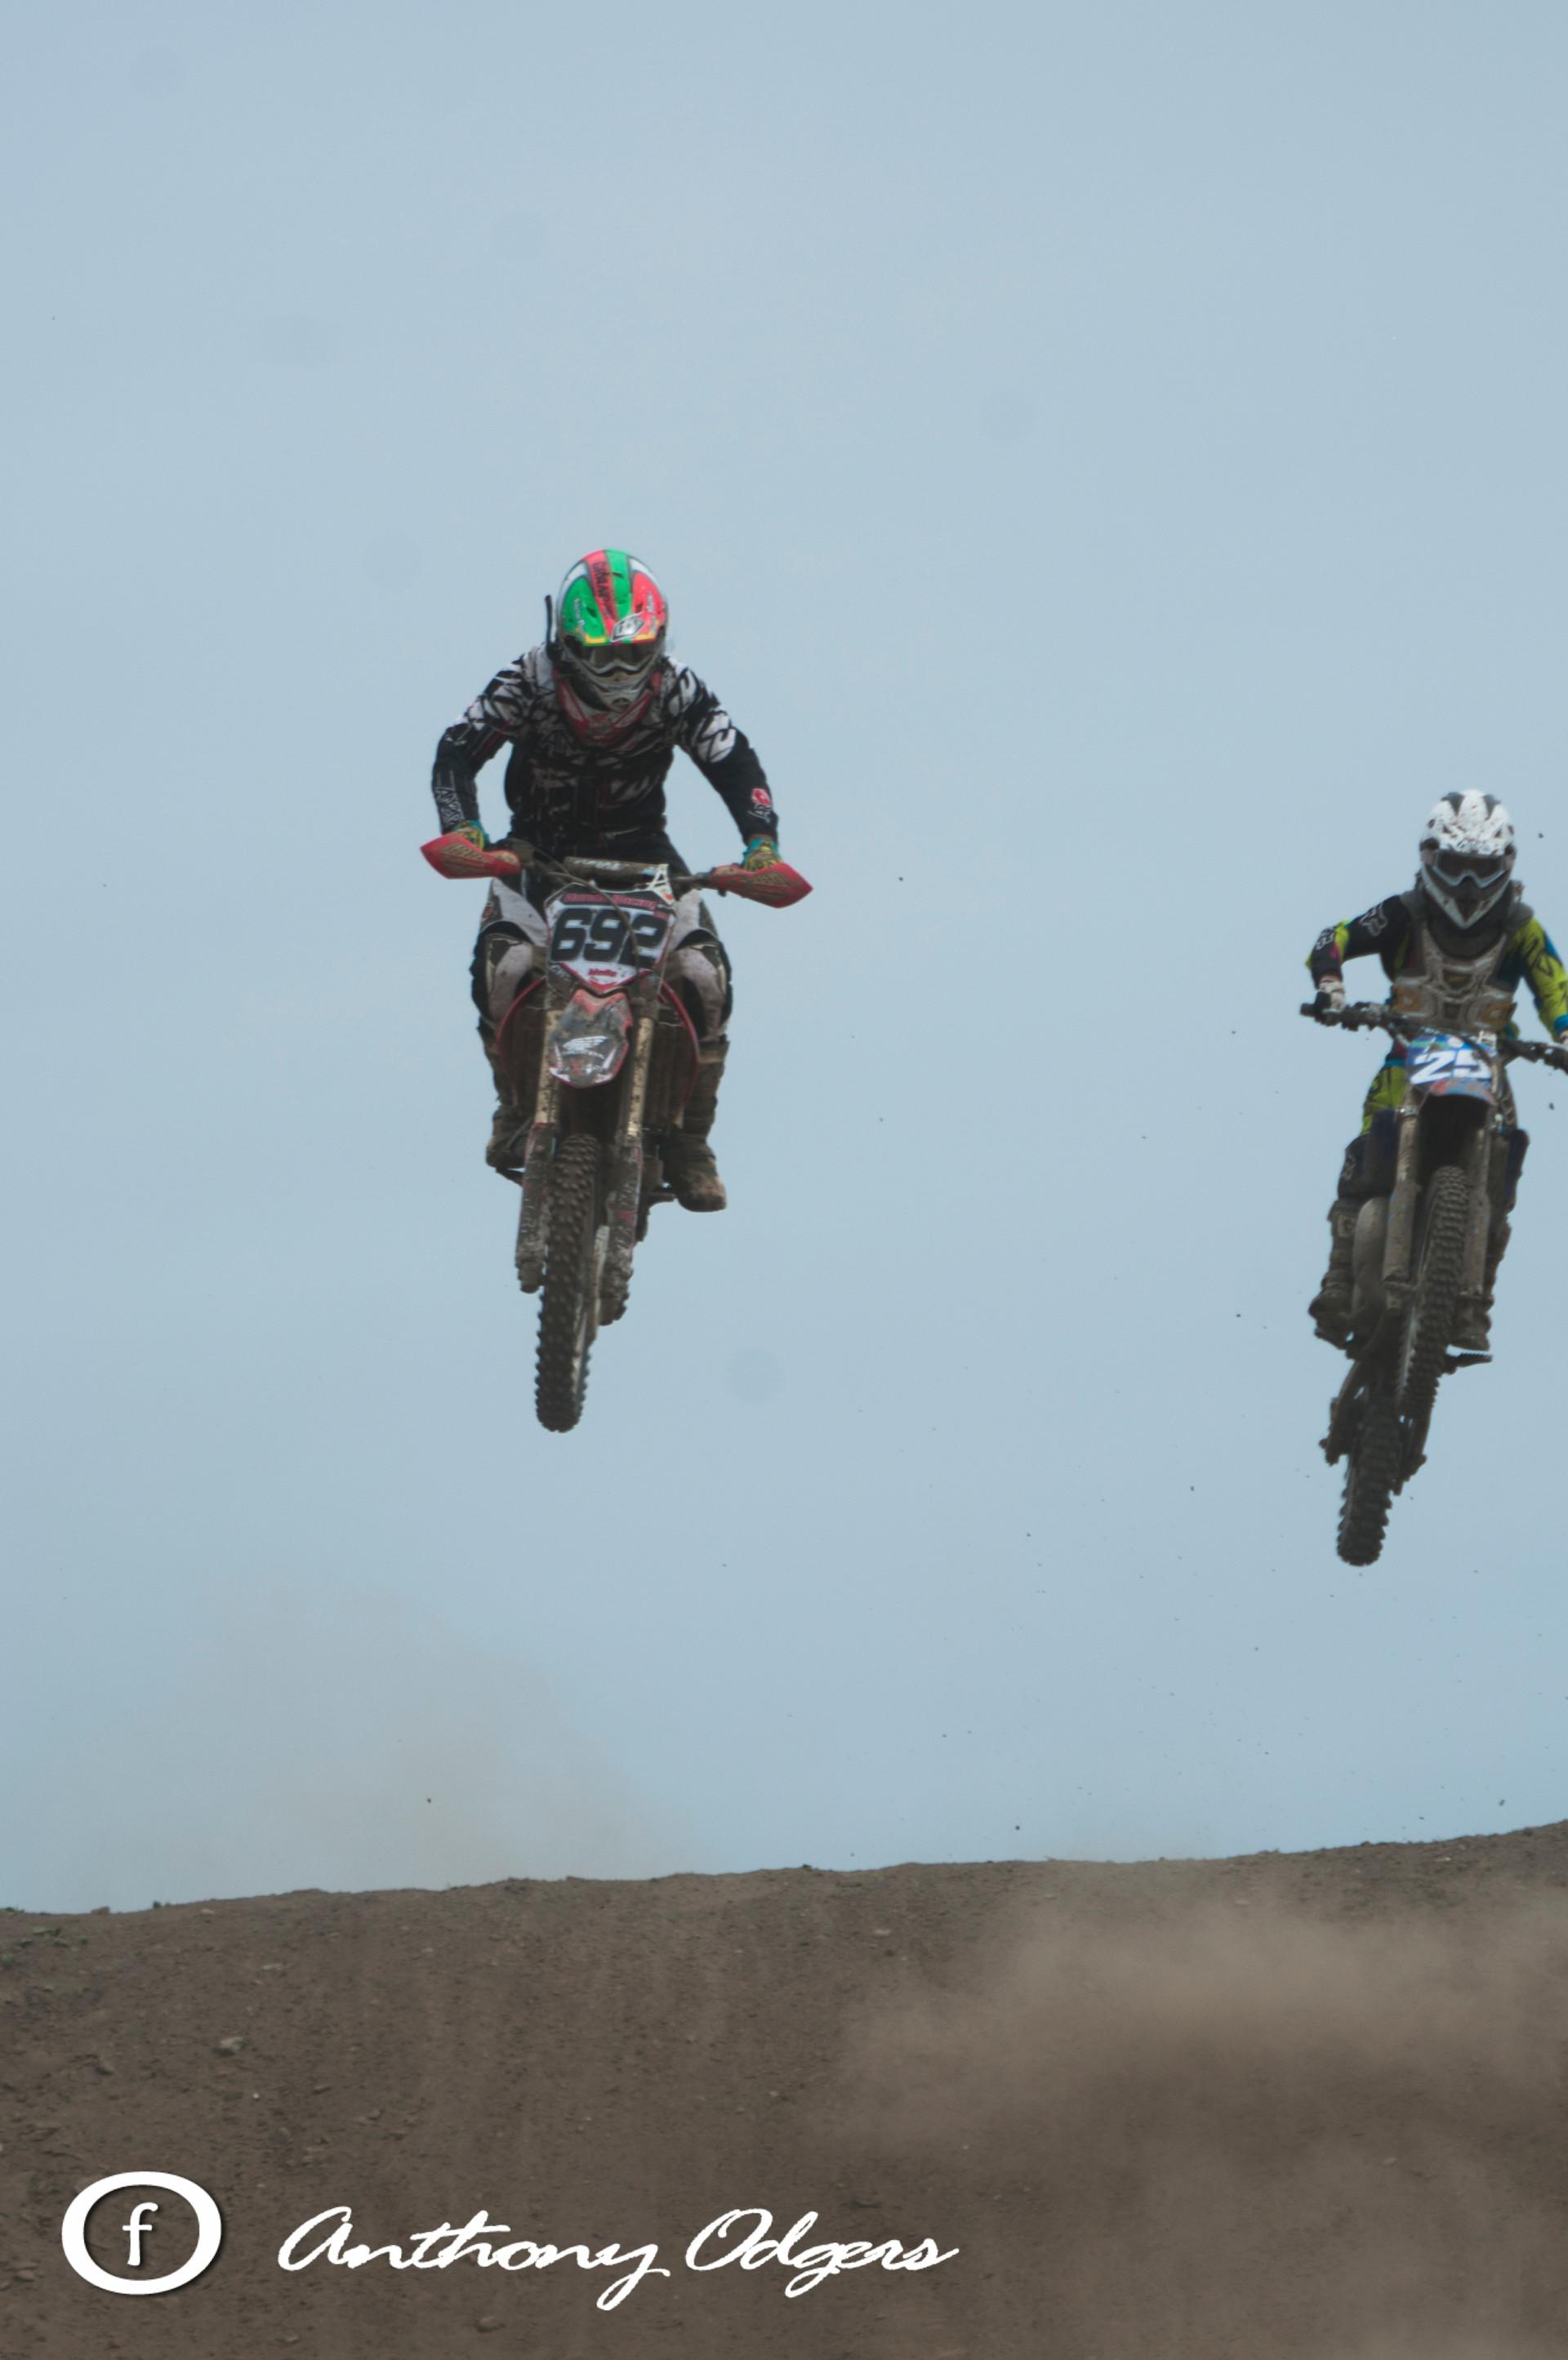 2013-01-06-Motocross Enduro-4.jpg